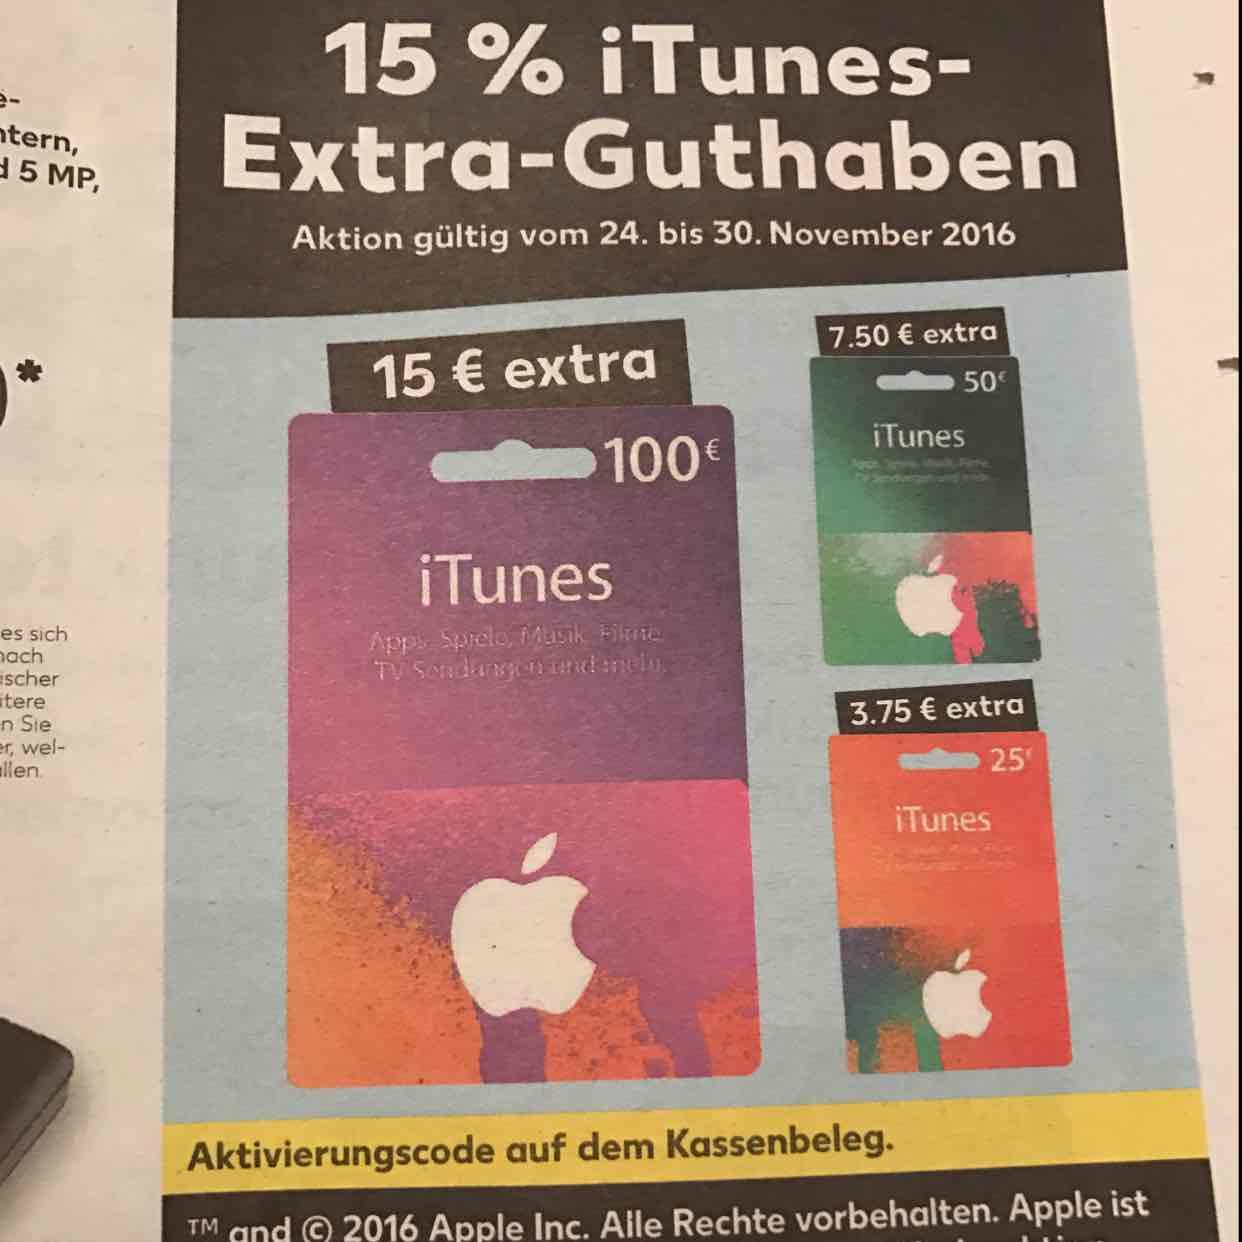 15% iTunes Extra Guthaben bei Kaufland vom 24.11.-30.11.2016